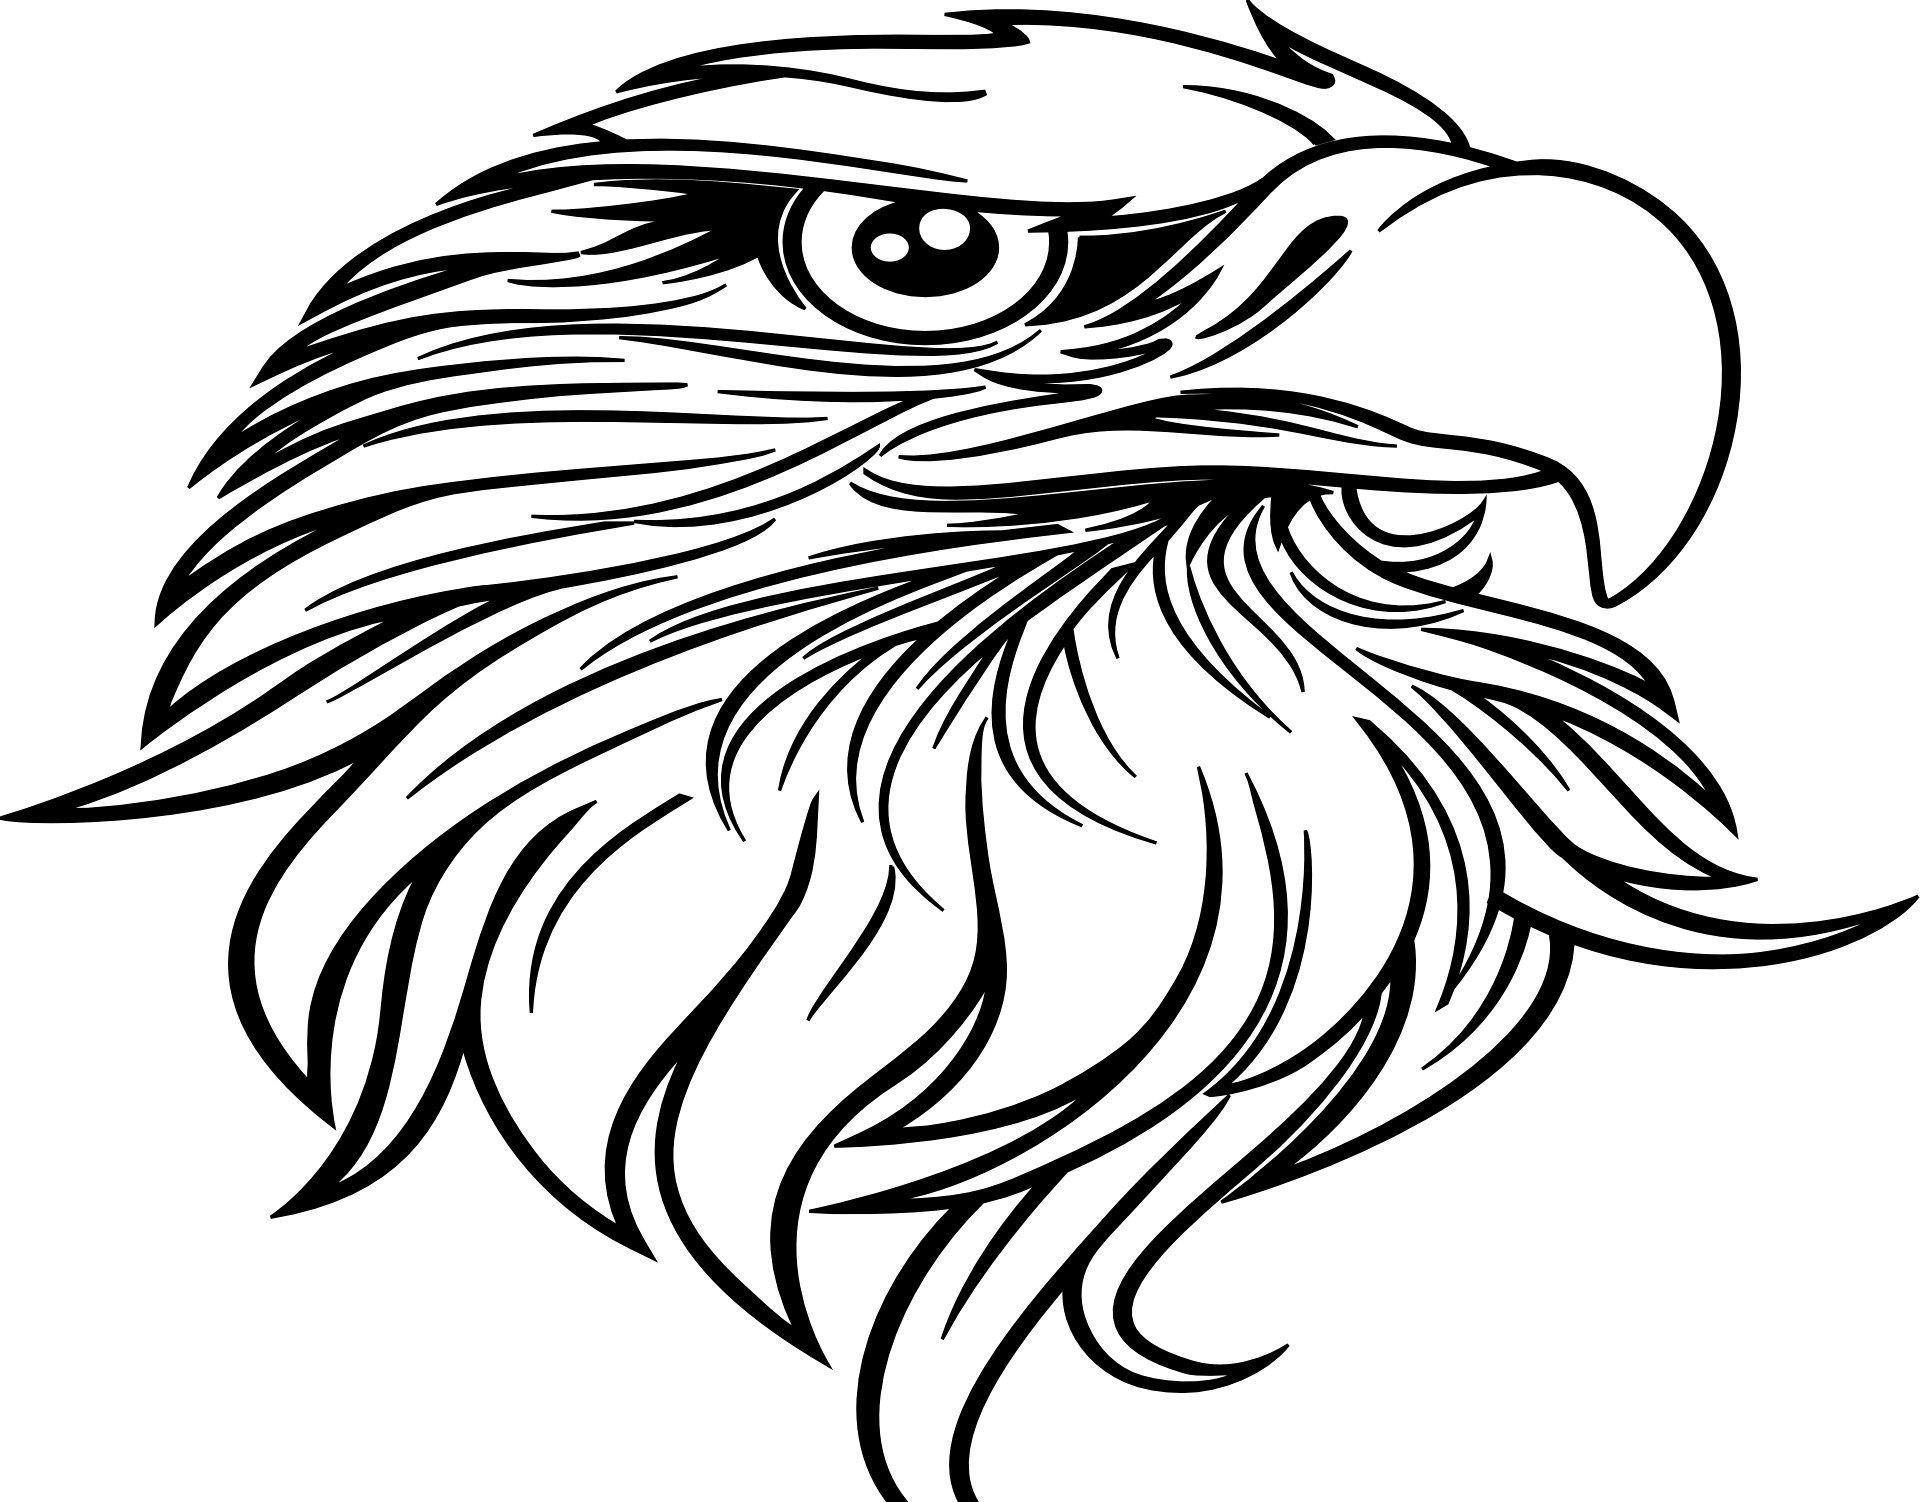 Ausmalbilder Adler | Erstaunliche Zeichnungen mit Ausmalbilder Adler